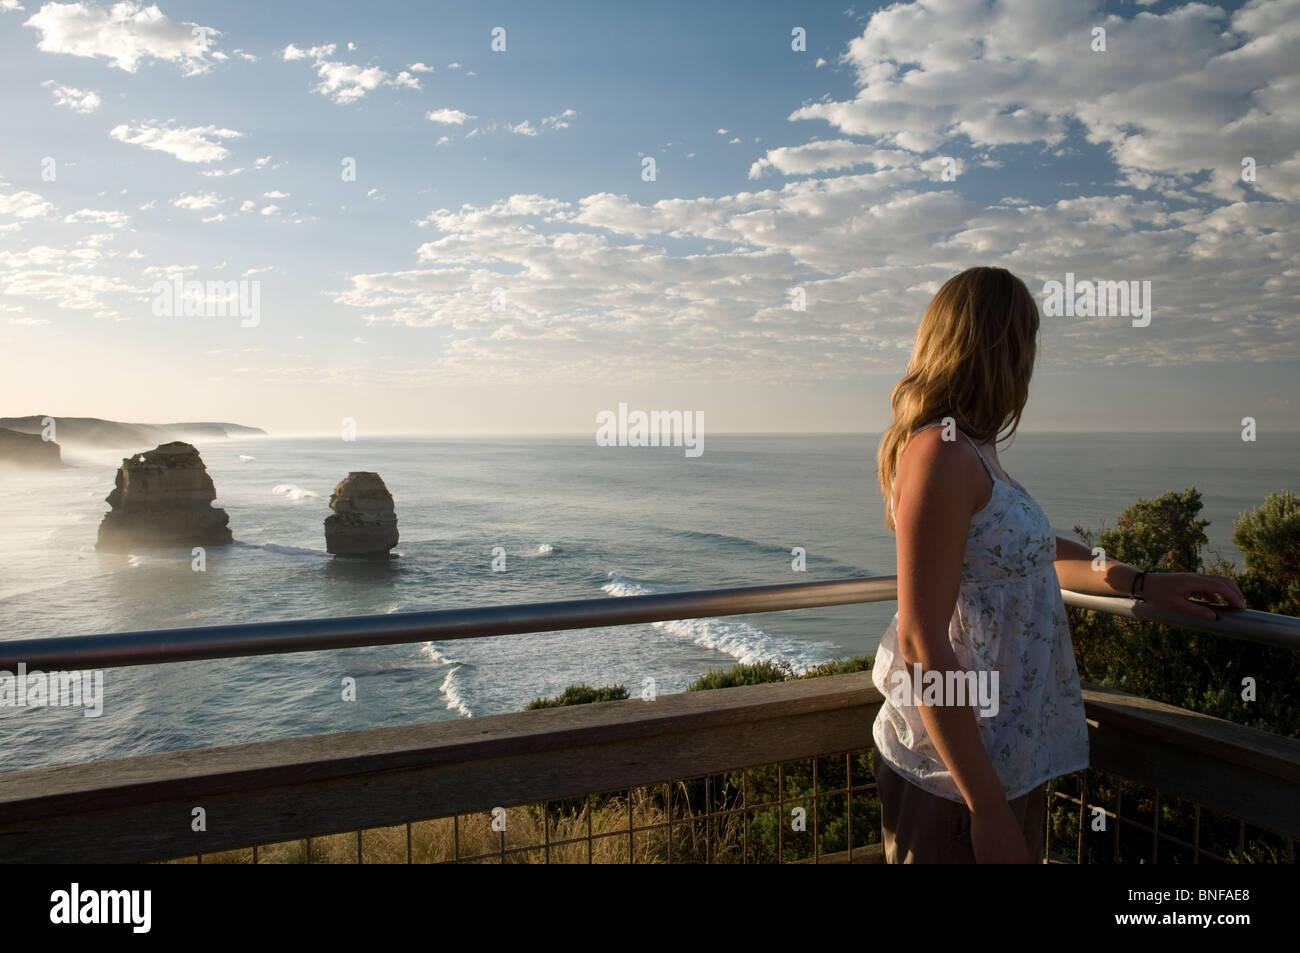 Frau steht auf dem Balkon mit der Küste von The Twelve Apostles im Hintergrund Stockbild